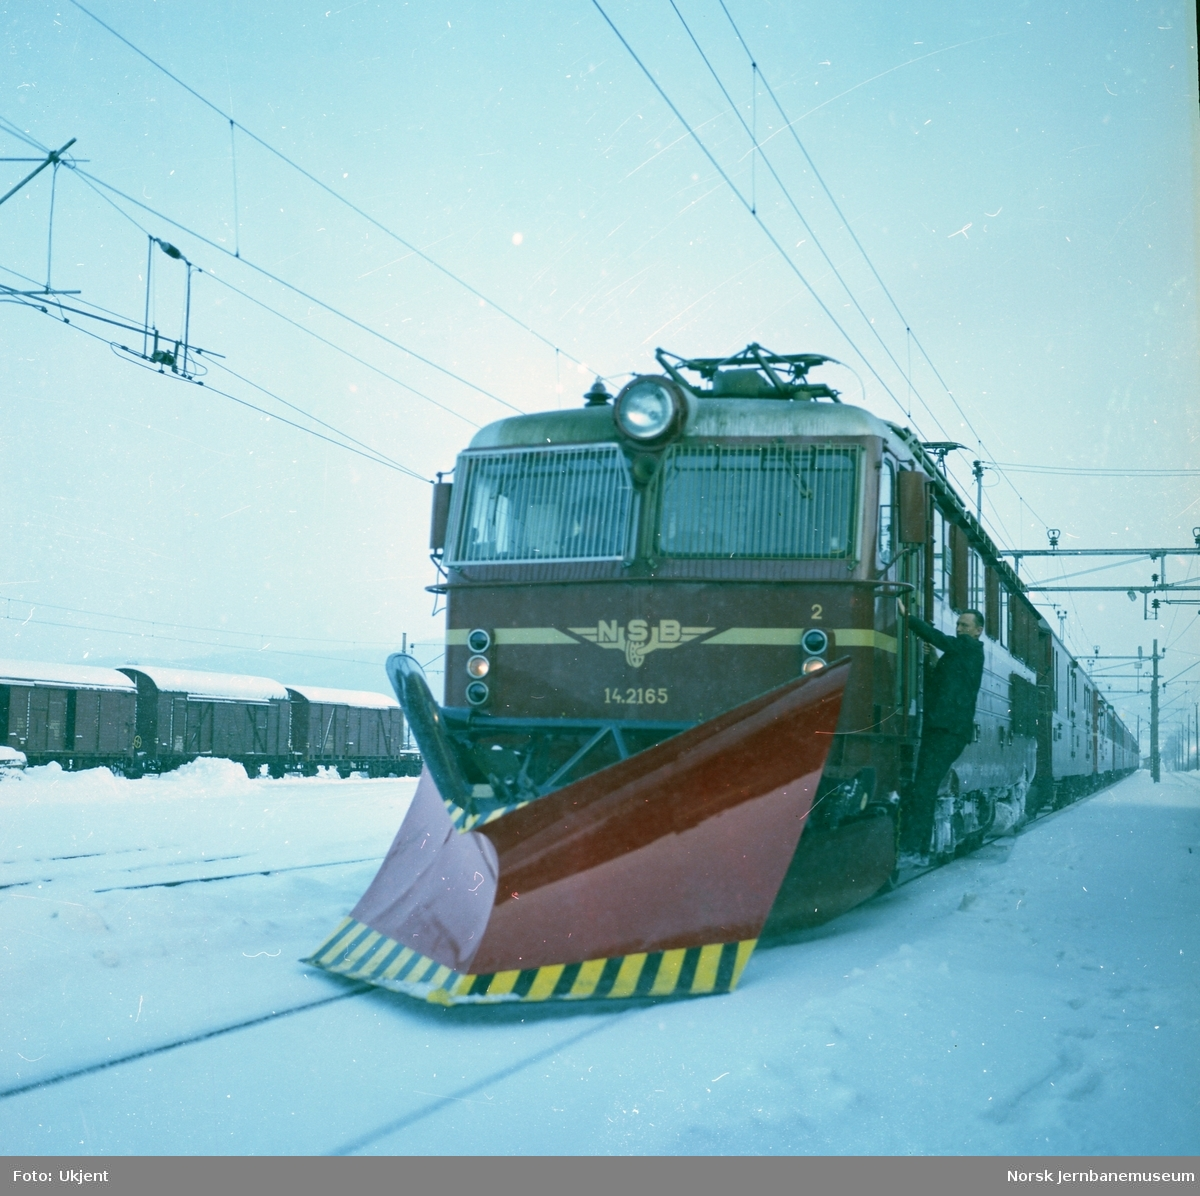 Elektrisk lokomotiv El 14 2165 med stor frontplog foran persontog på Bergensbanen